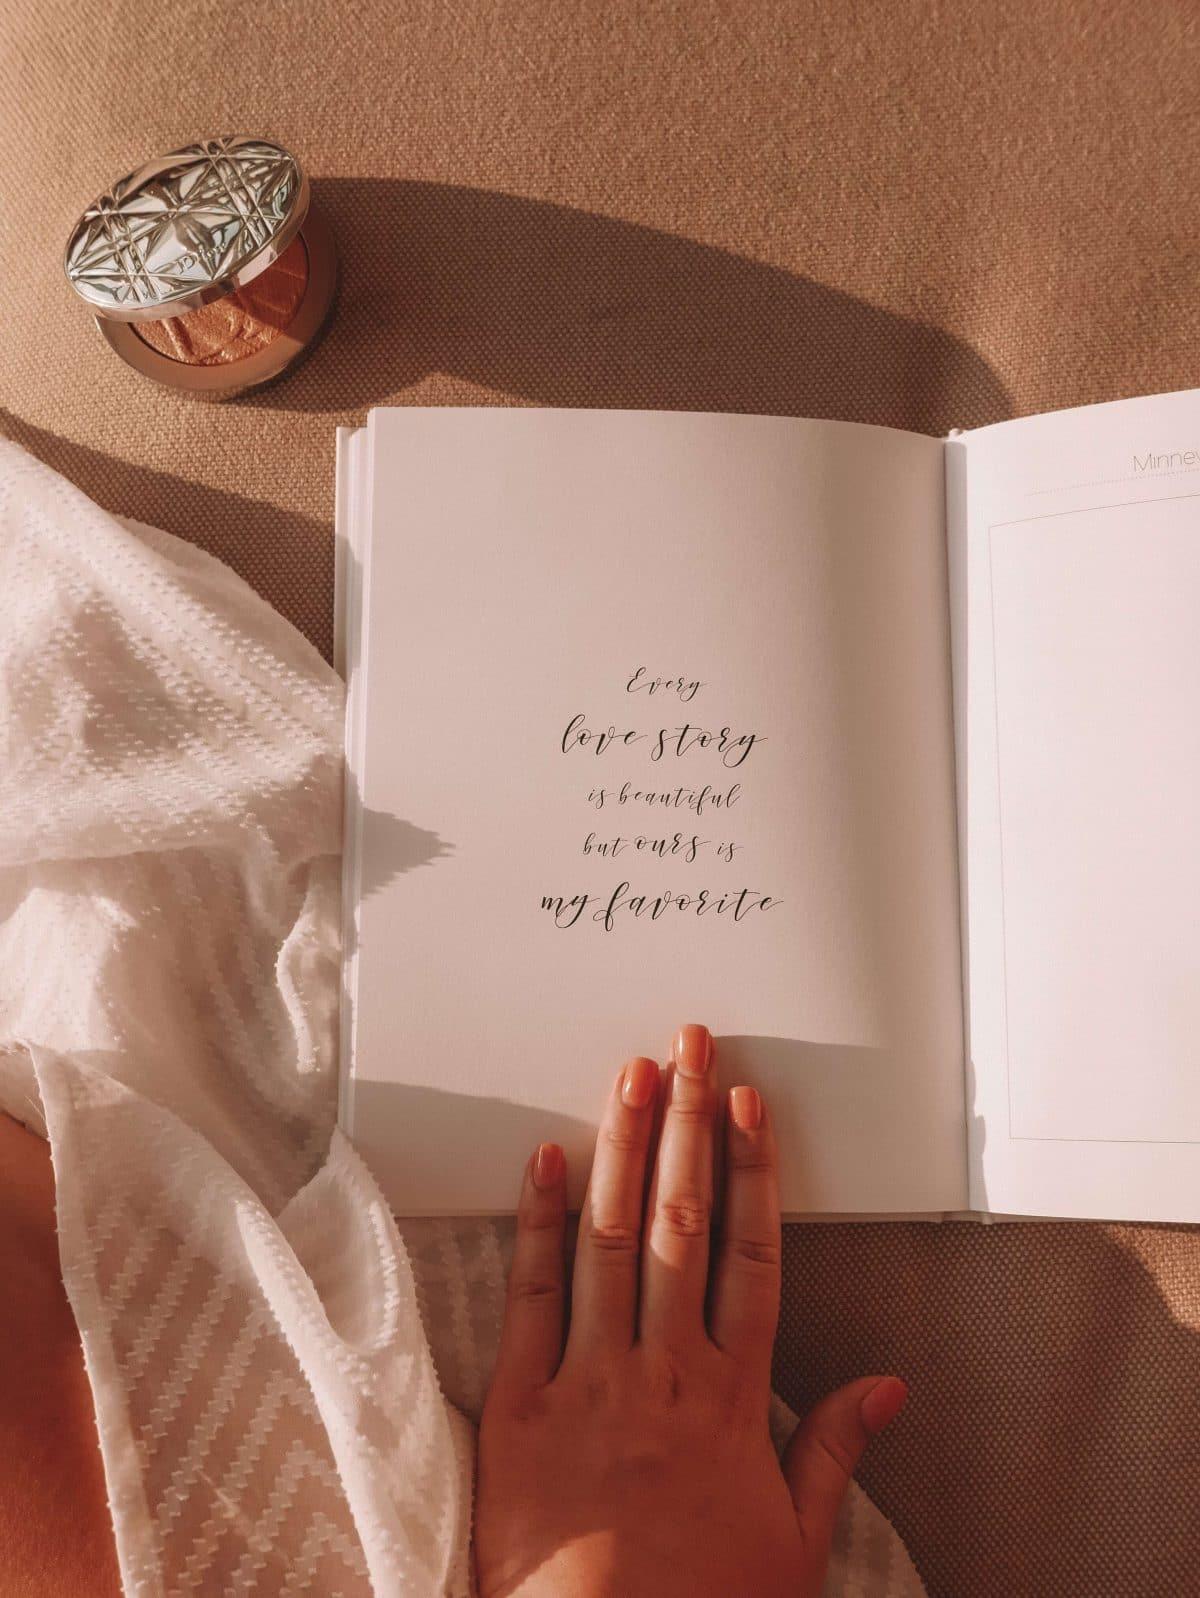 Vår helt egen bryllupsplanlegger dekker alle detaljer, store og små, for å hjelpe med å gjøre dagen din enda litt mer perfekt! Ikke minst er den fin å beholde som minne også i etterkant av den flotte dagen.